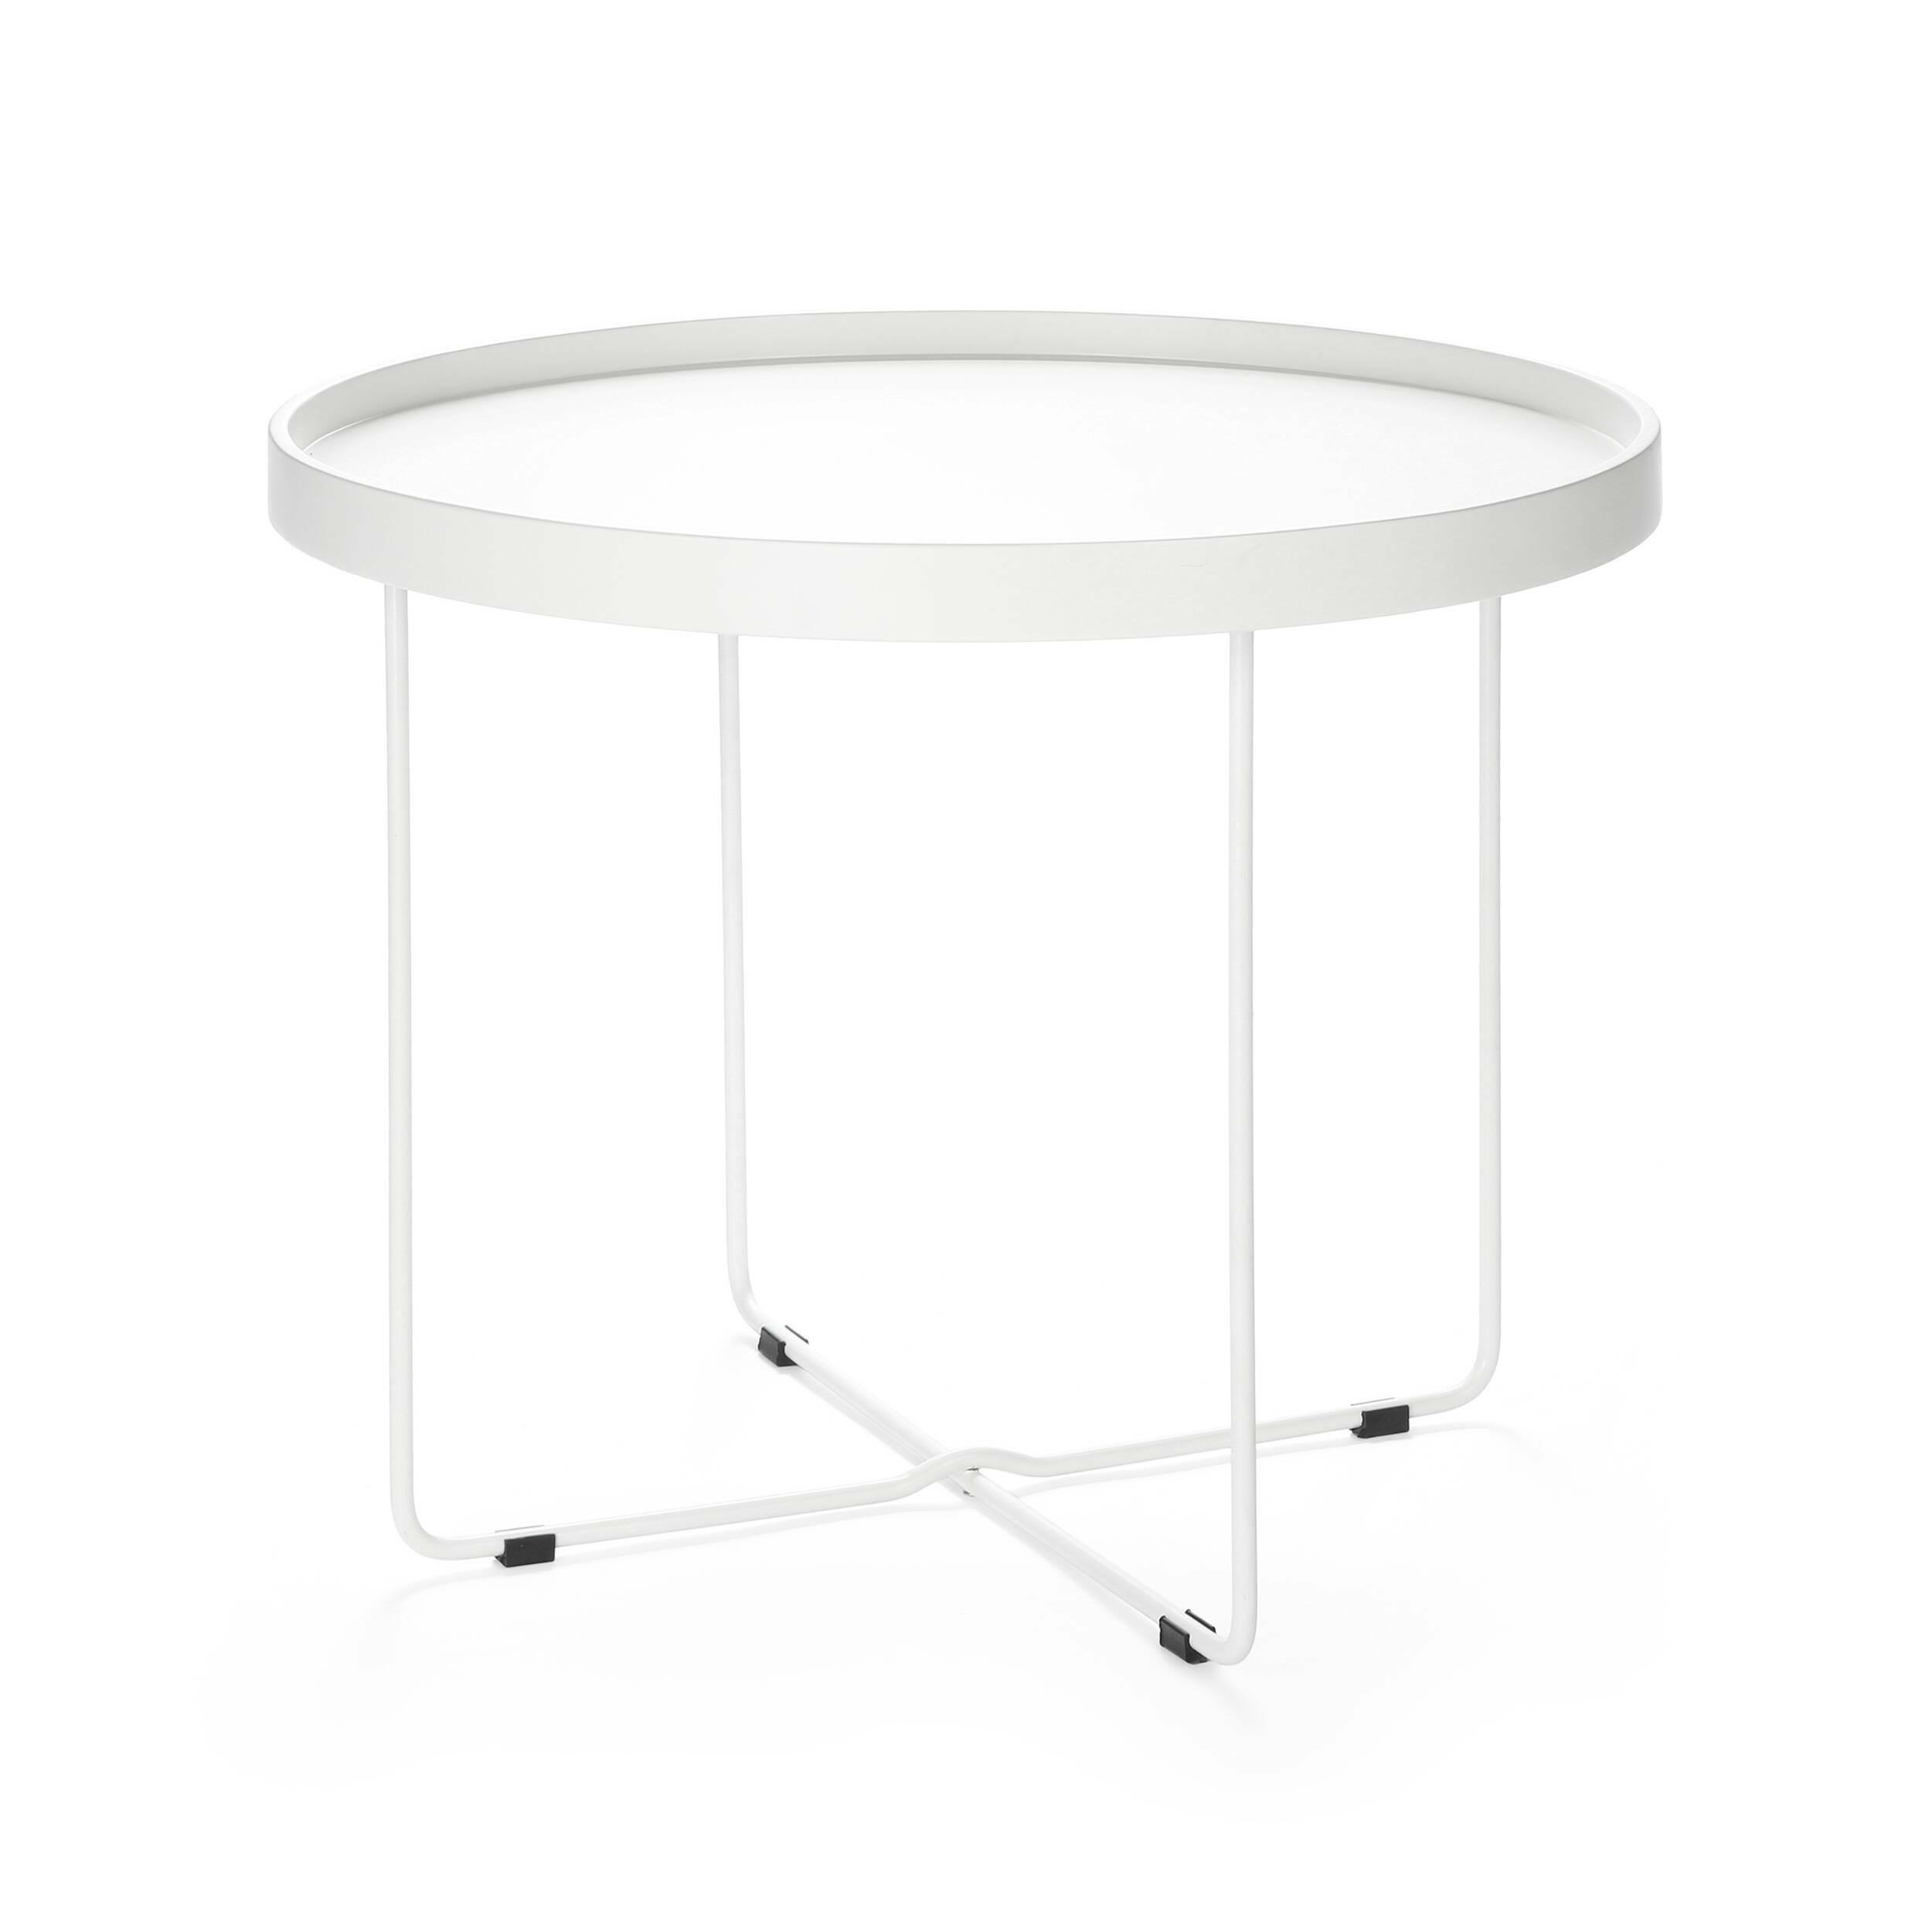 Кофейный стол ArvikaКофейные столики<br>Дизайнерский круглый легкий кофейный столик Arvika (Арвика) на высоких ножках от Cosmo (Космо).<br><br>Кофейный стол в домашнем интерьере не всегда необходим, но ценится теми, кто любит понежиться в удобном кресле за просмотром фильмов или сериалов. Но как быть, когда в квартире не хватает места, чтобы иметь отдельный столик для кофе? На это у компании Cosmo есть ответ — компактность. Благодаря конструкции и без того небольшой оригинальный кофейный стол Arvika легко складывается, и его не менее...<br><br>stock: 0<br>Высота: 50<br>Диаметр: 60<br>Цвет ножек: Белый<br>Цвет столешницы: Белый<br>Тип материала столешницы: МДФ<br>Тип материала ножек: Сталь